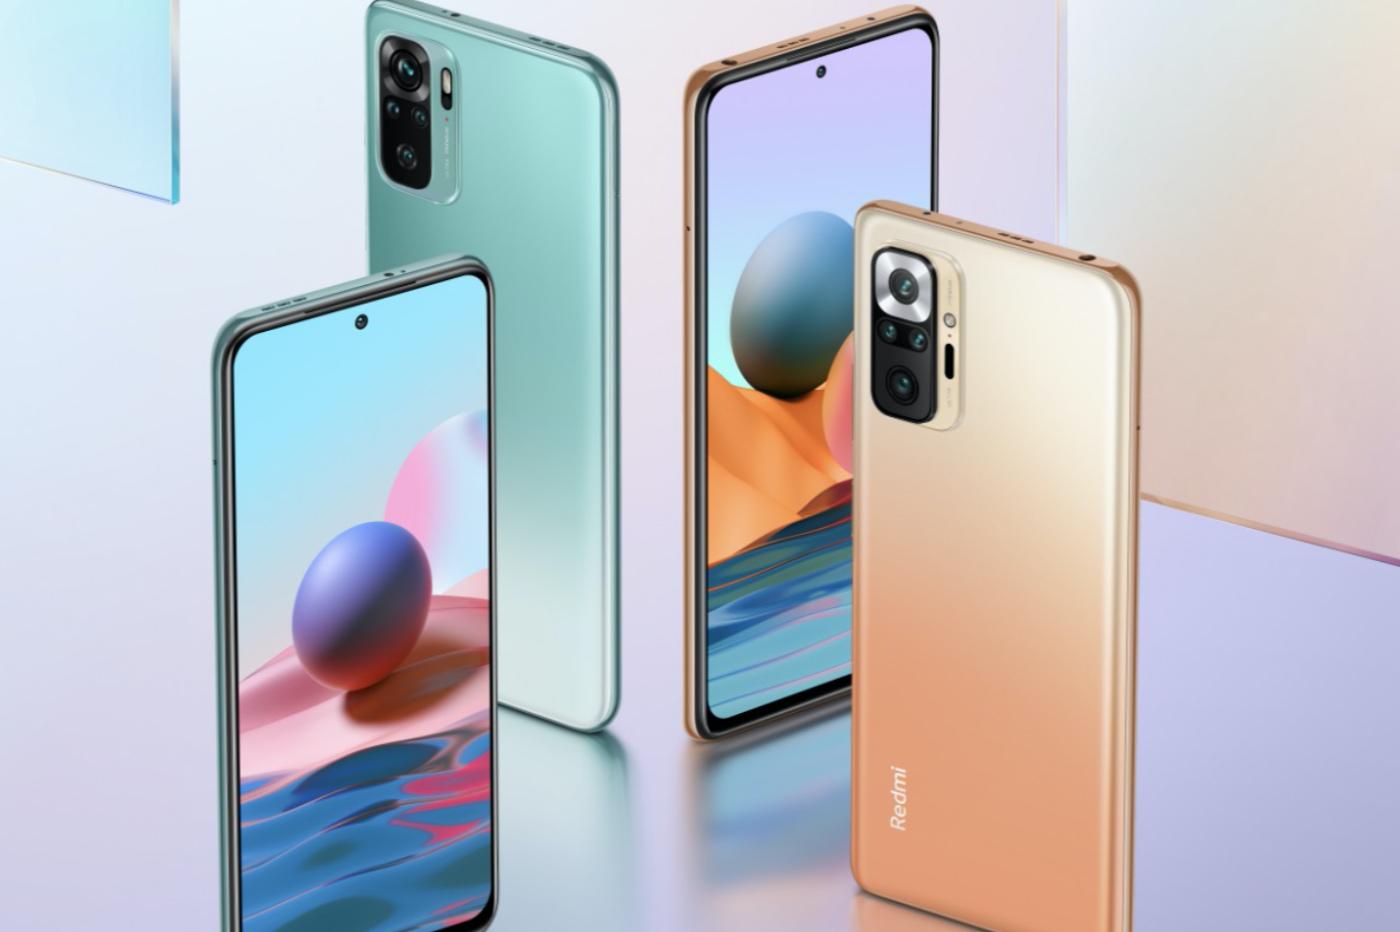 Top des meilleurs smartphones pour moins de 200 euros en 2021